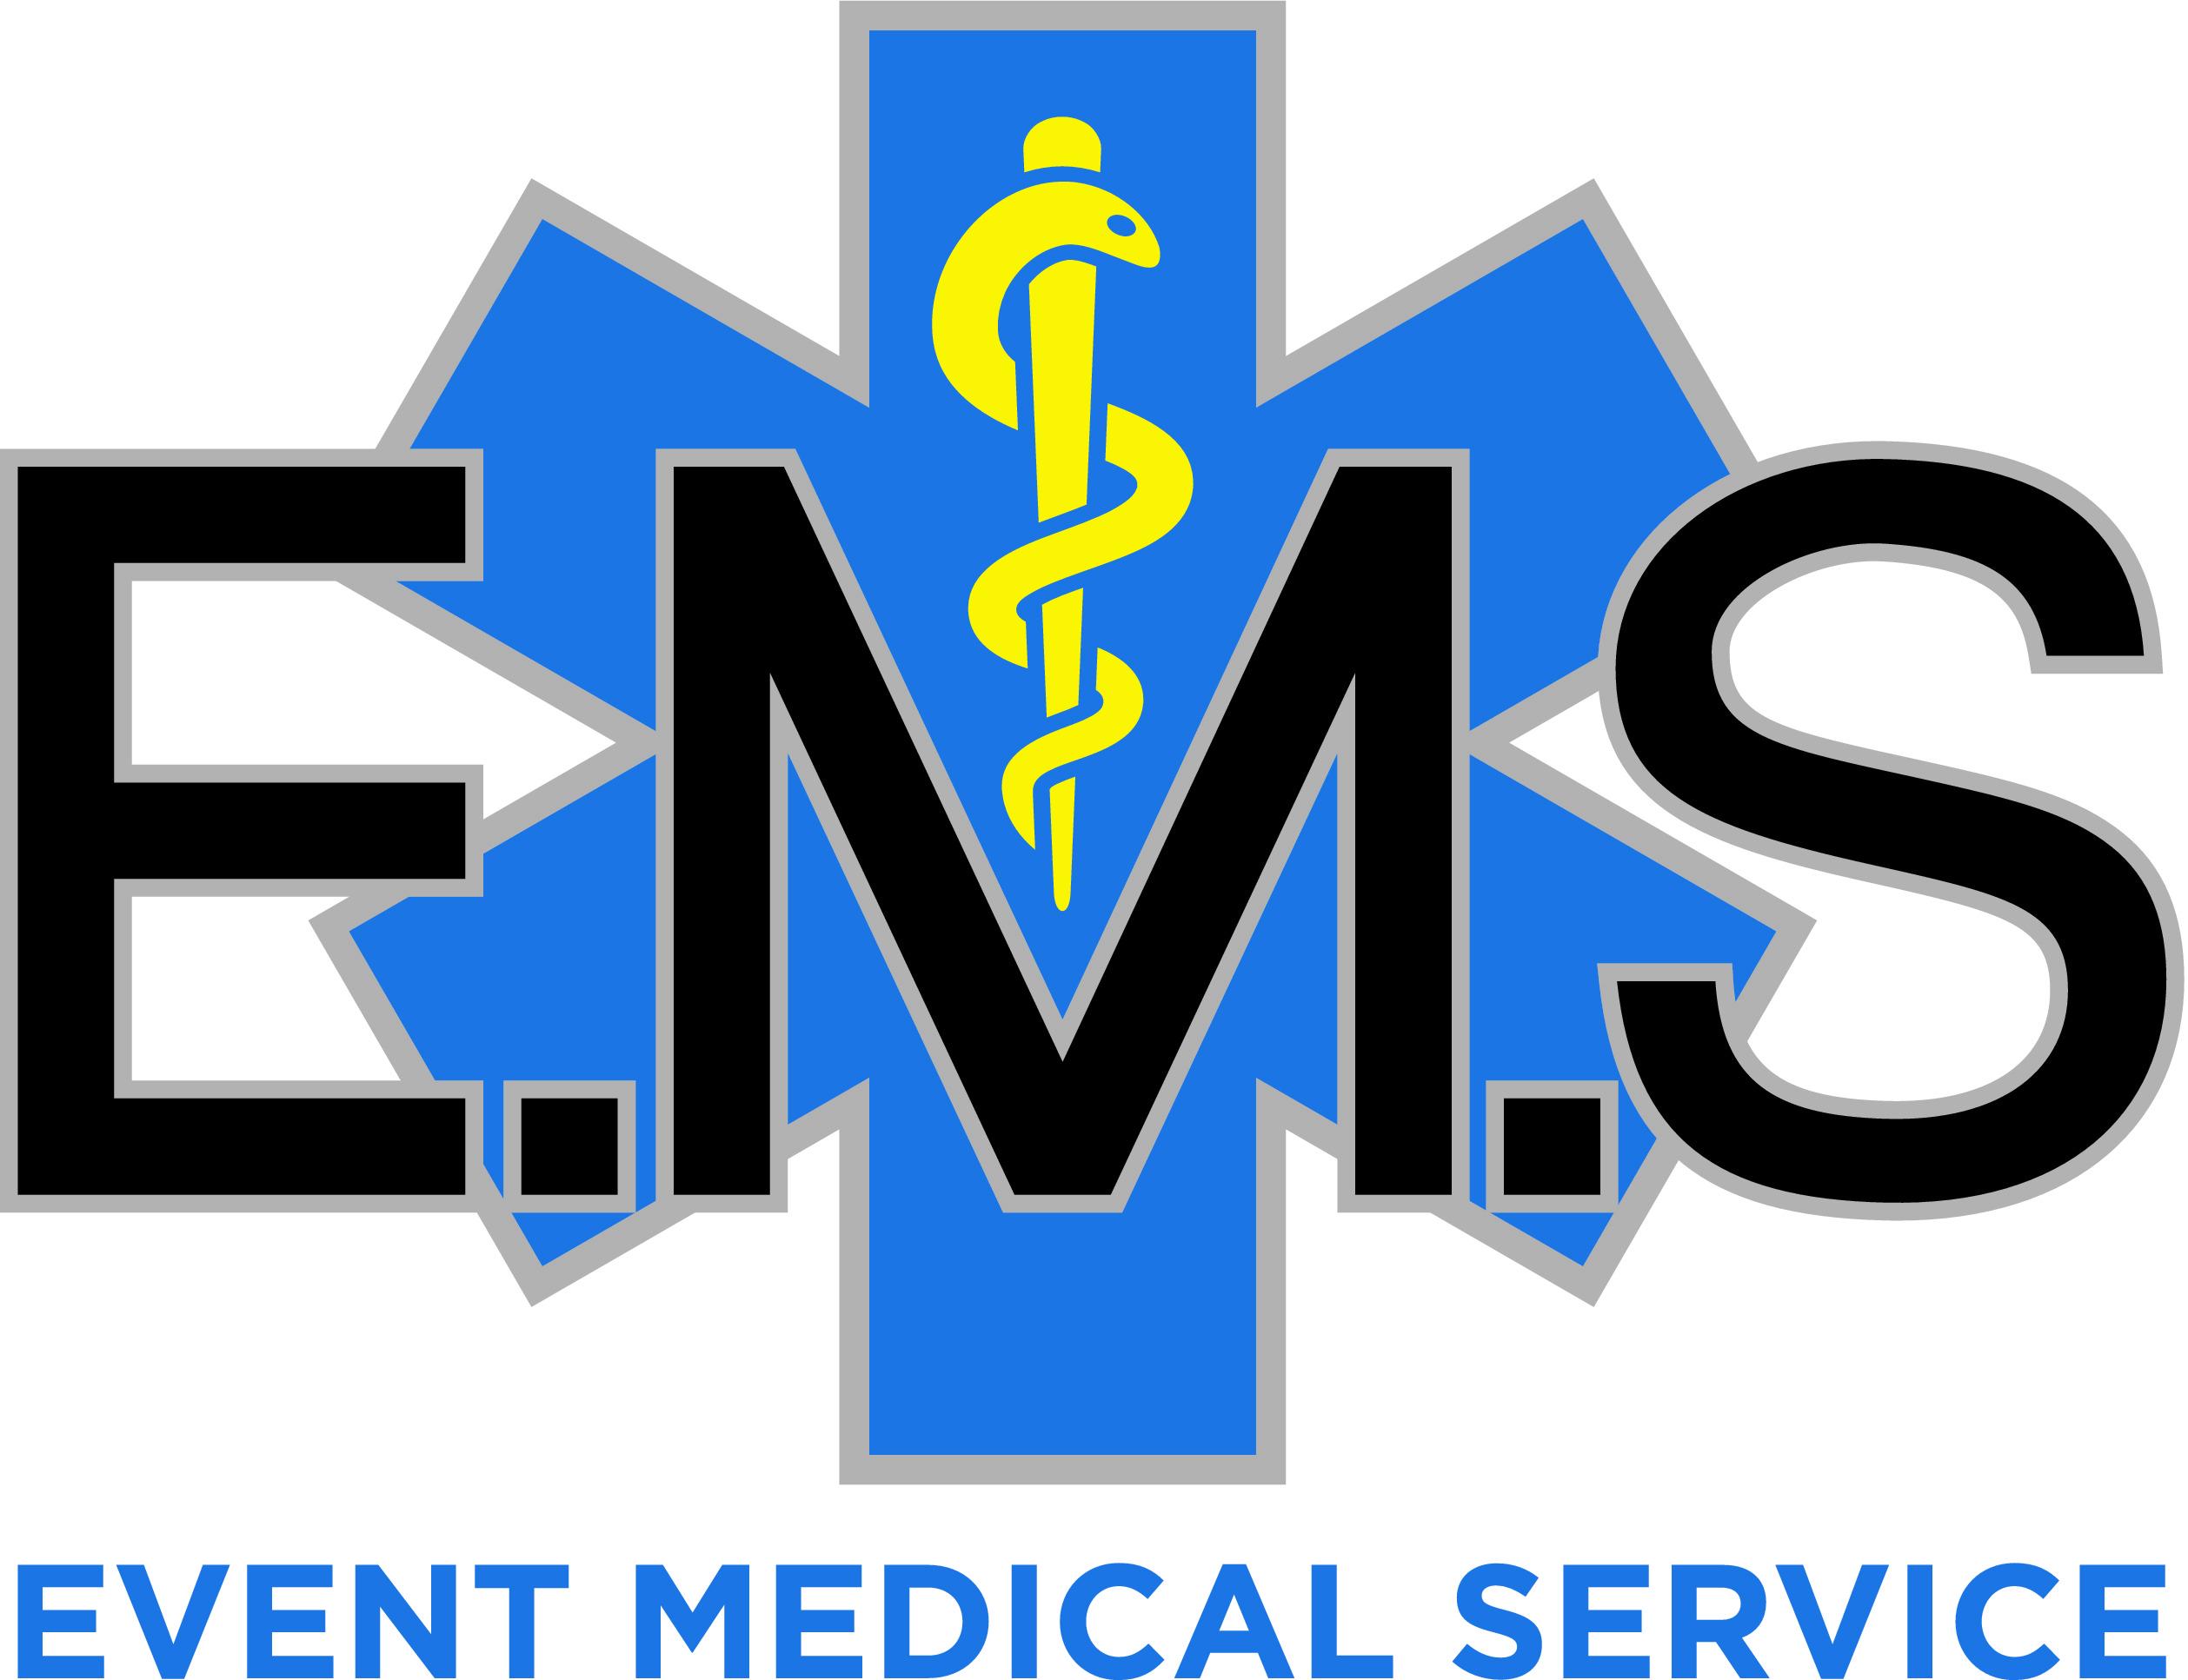 Event Medical Service B.V. - Event Medical Service (EMS) is gespecialiseerd in het organiseren van medische hulpverlening, brandpreventie en brandtechnische hulpverlening van uw evenement.